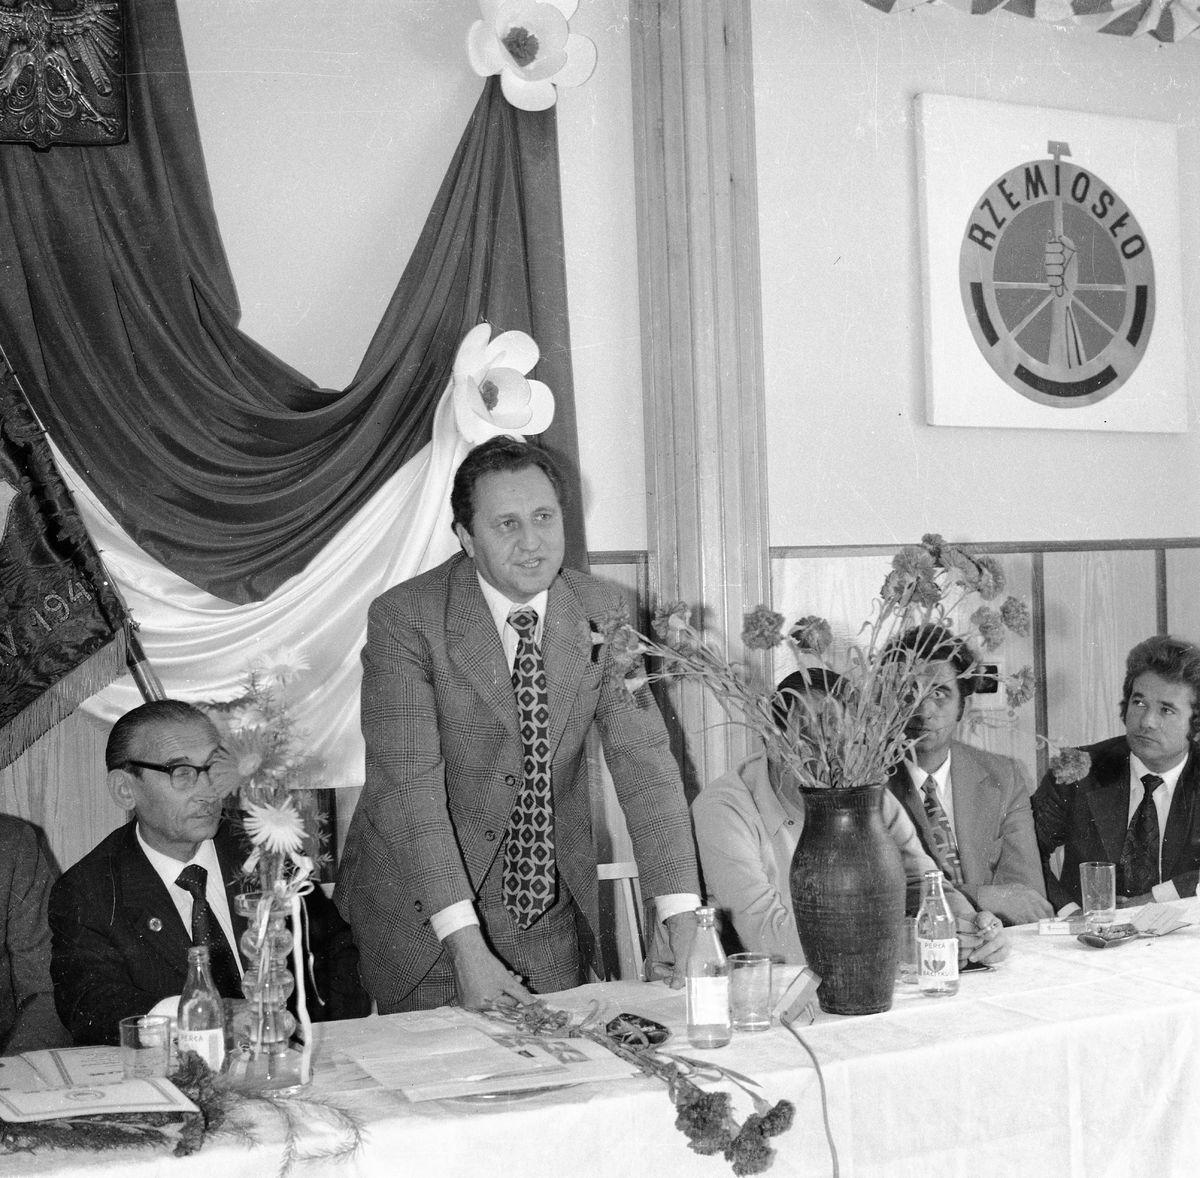 Obchody 30-lecia PRL, 1974 r. [1]